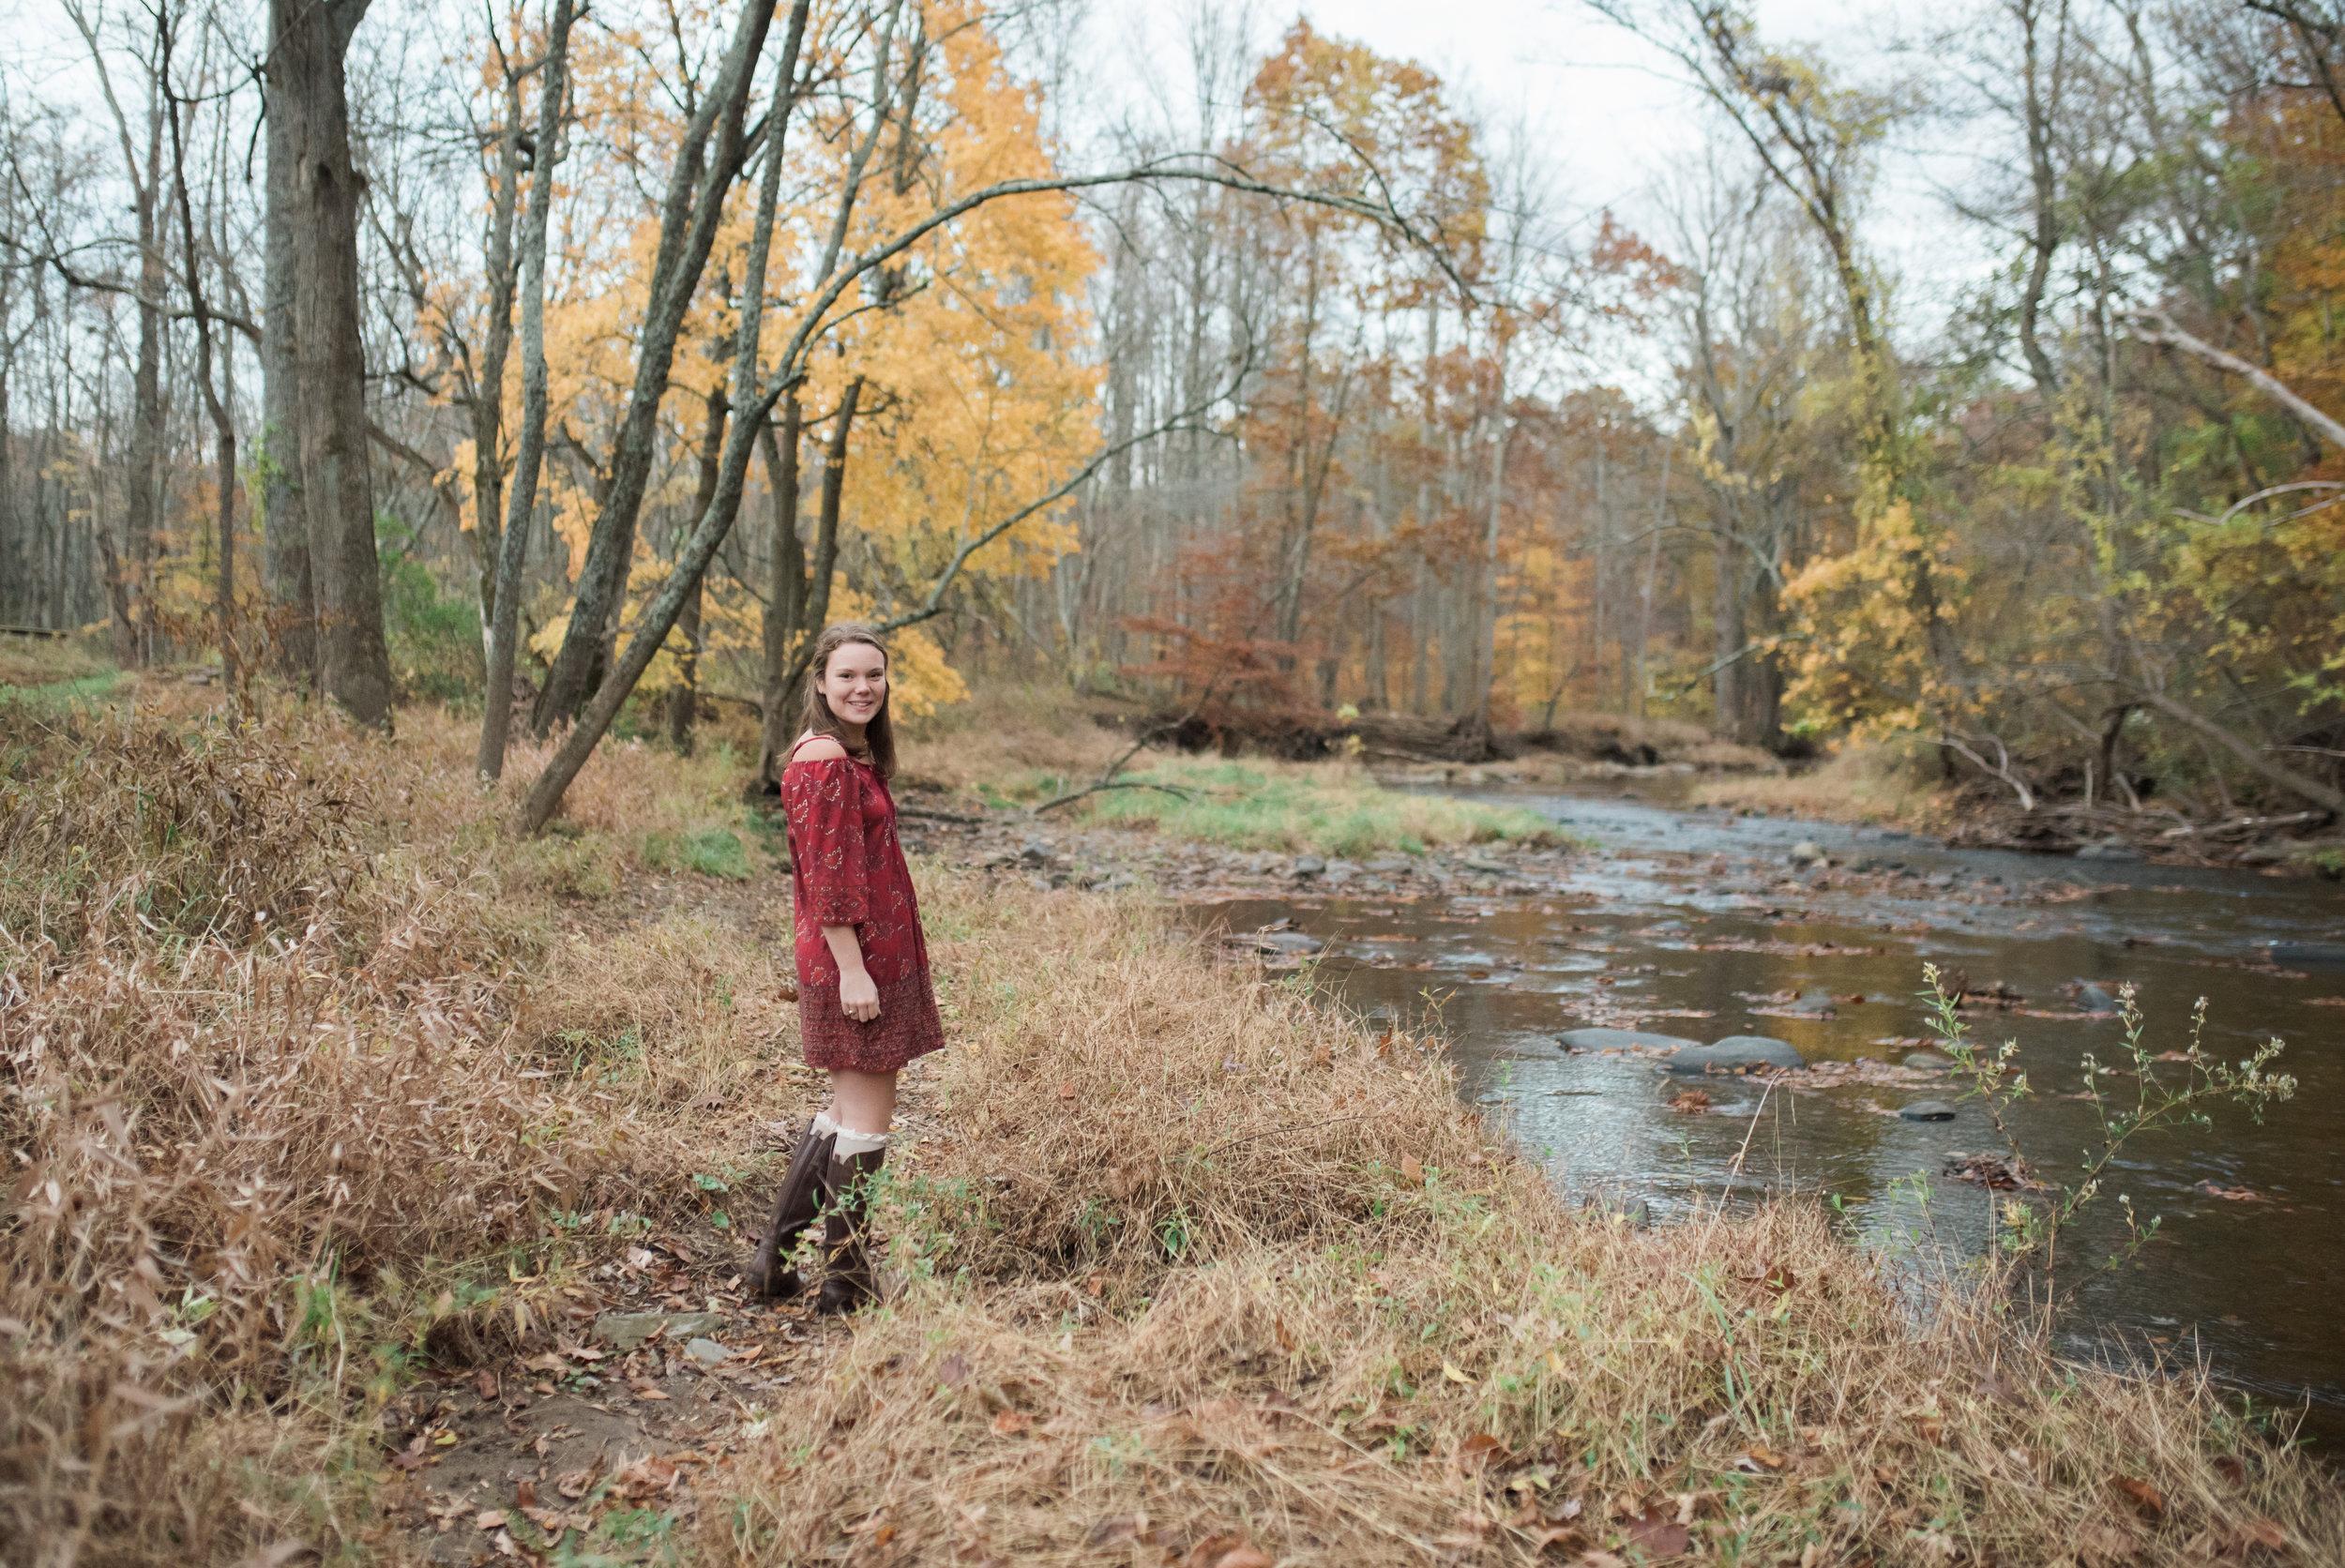 Harford-County-Photographer-senior-lifestyle-session-by-Breanna-Kuhlmann-BKLP